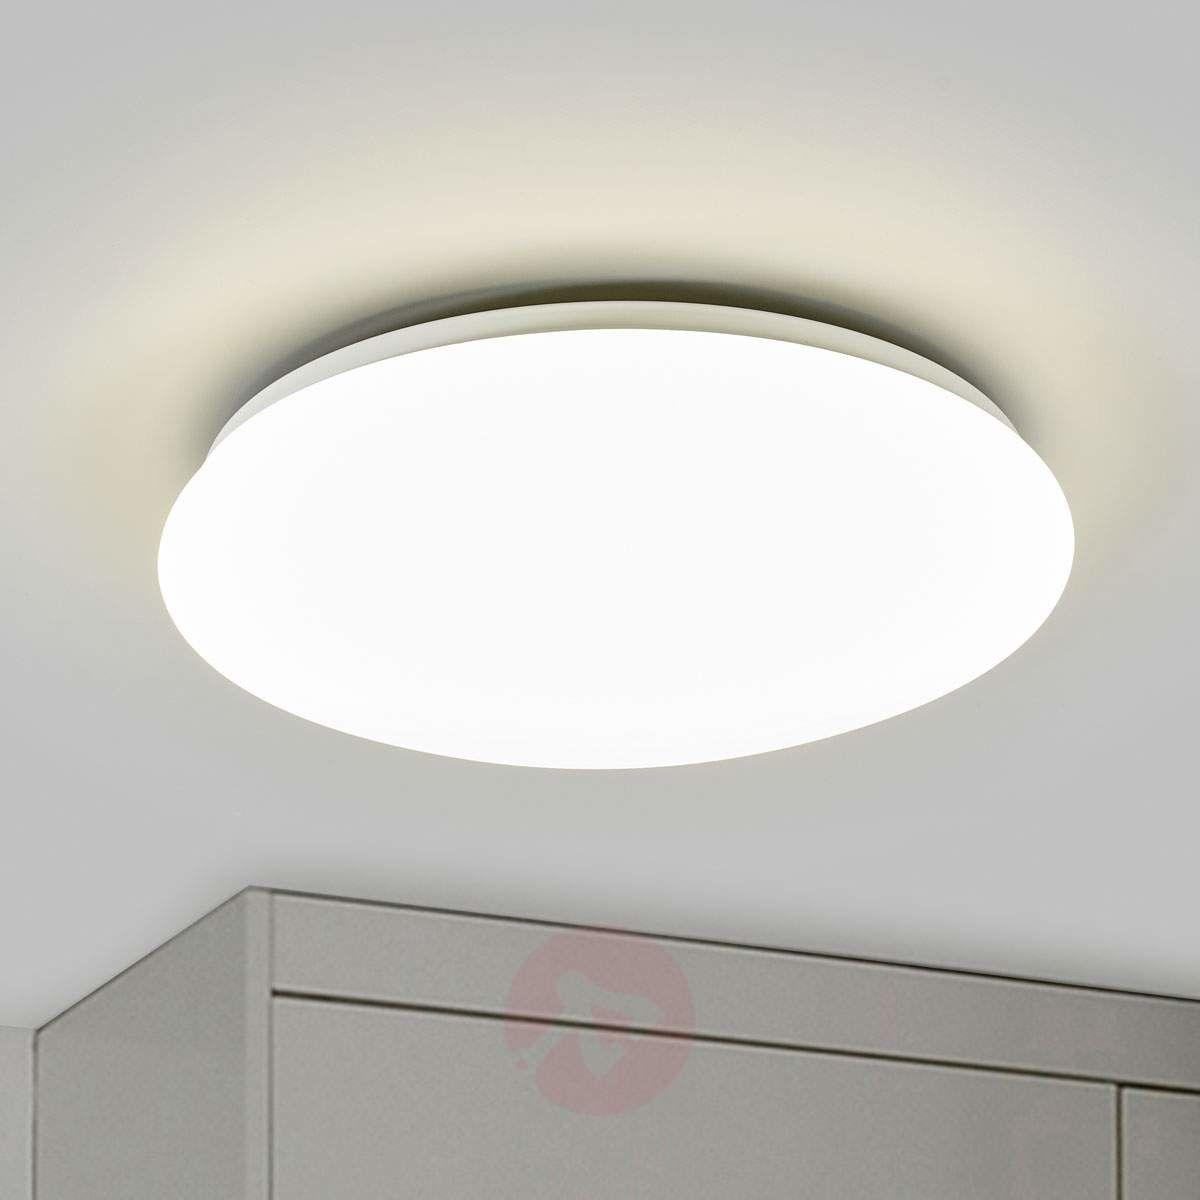 Philips 31802/31/16 - LED plafon SUEDE 4000 K 4xLED/6W/230V